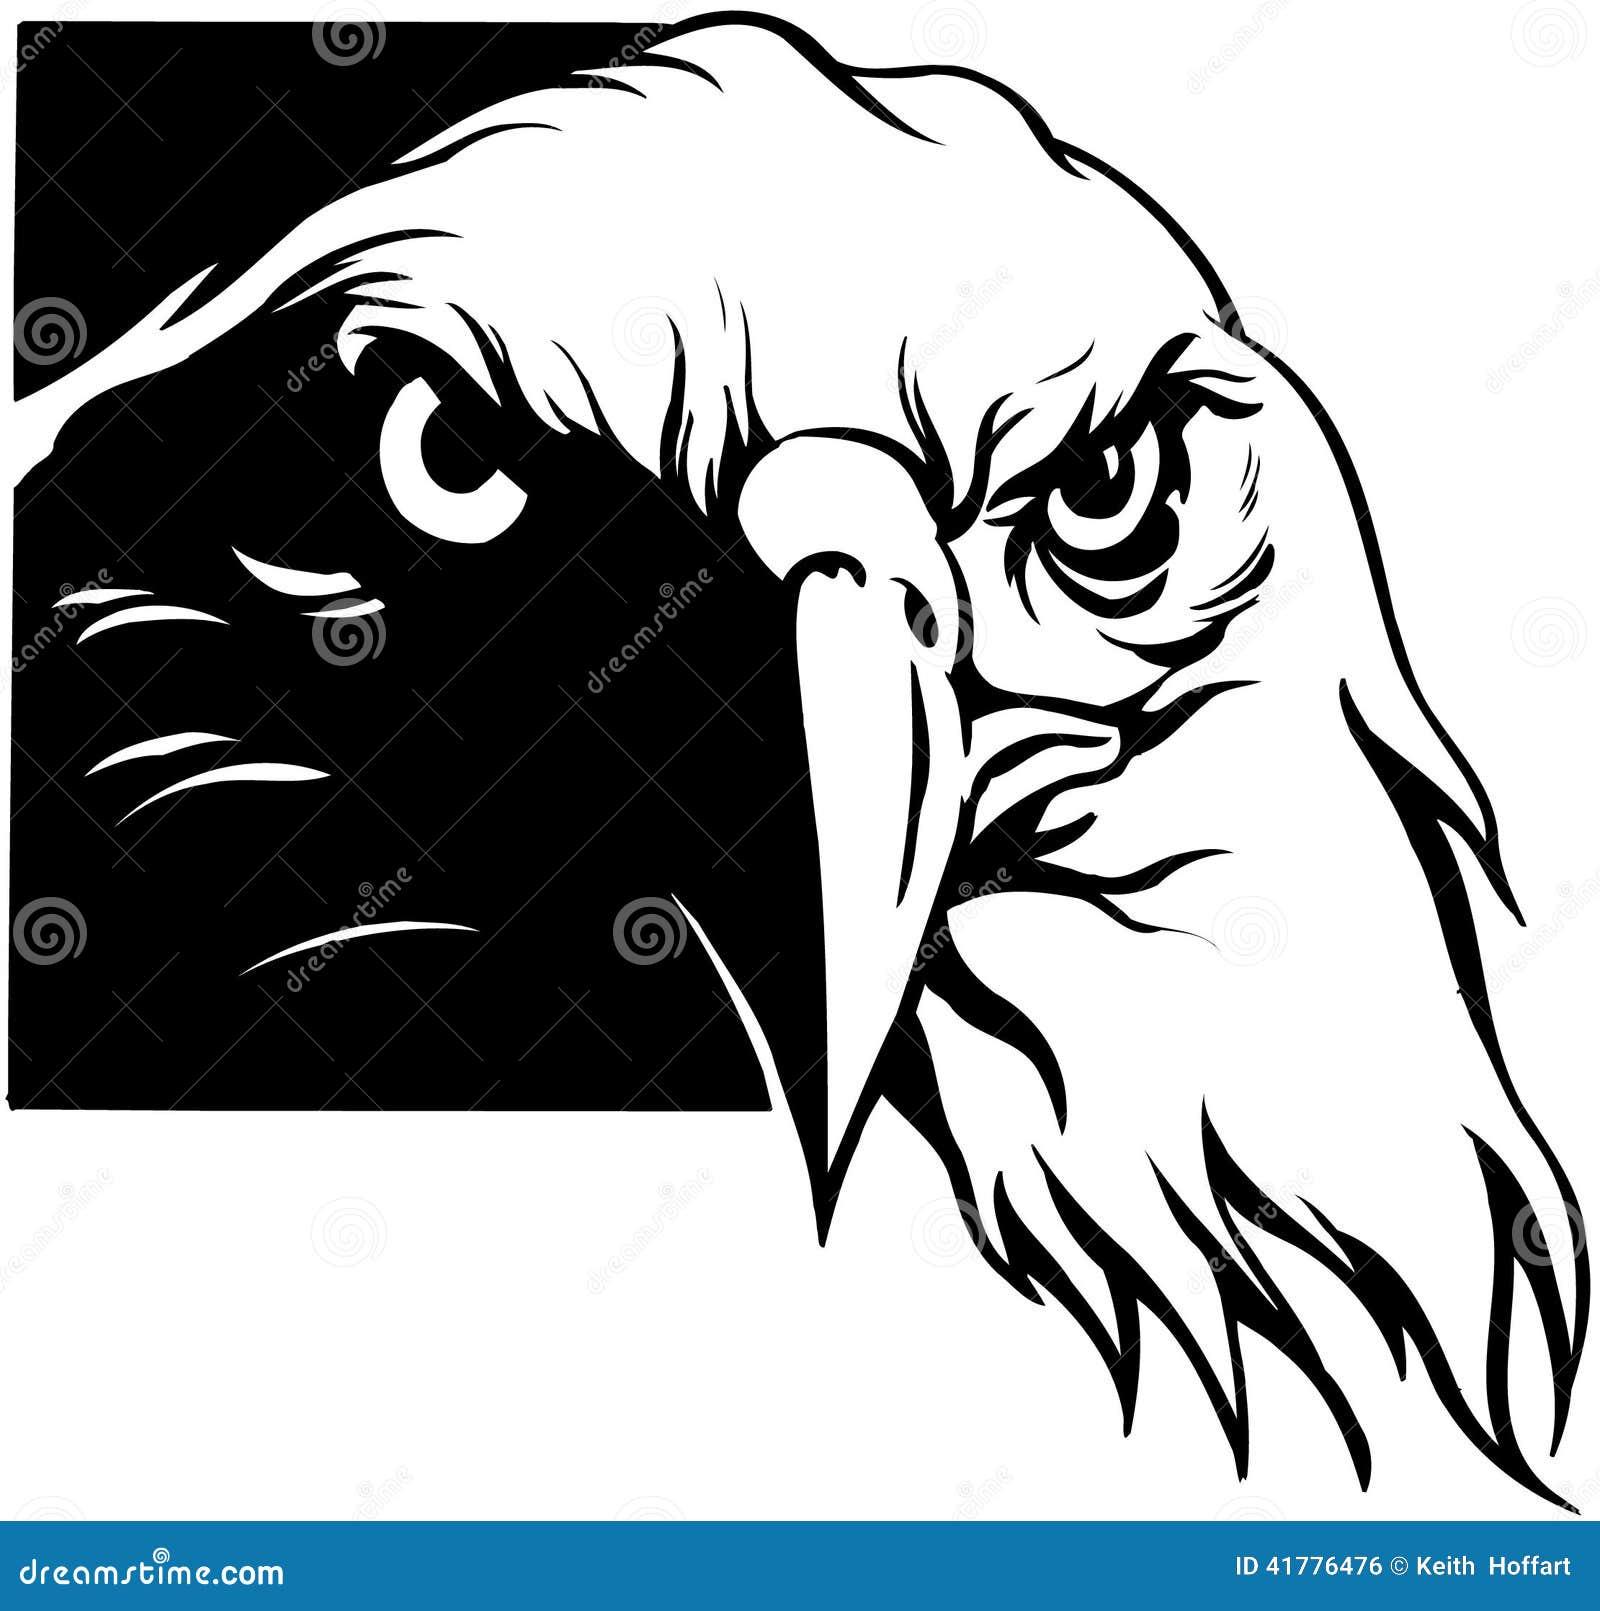 USA Eagle Cartoon Vector Clipart Stock Vector ...